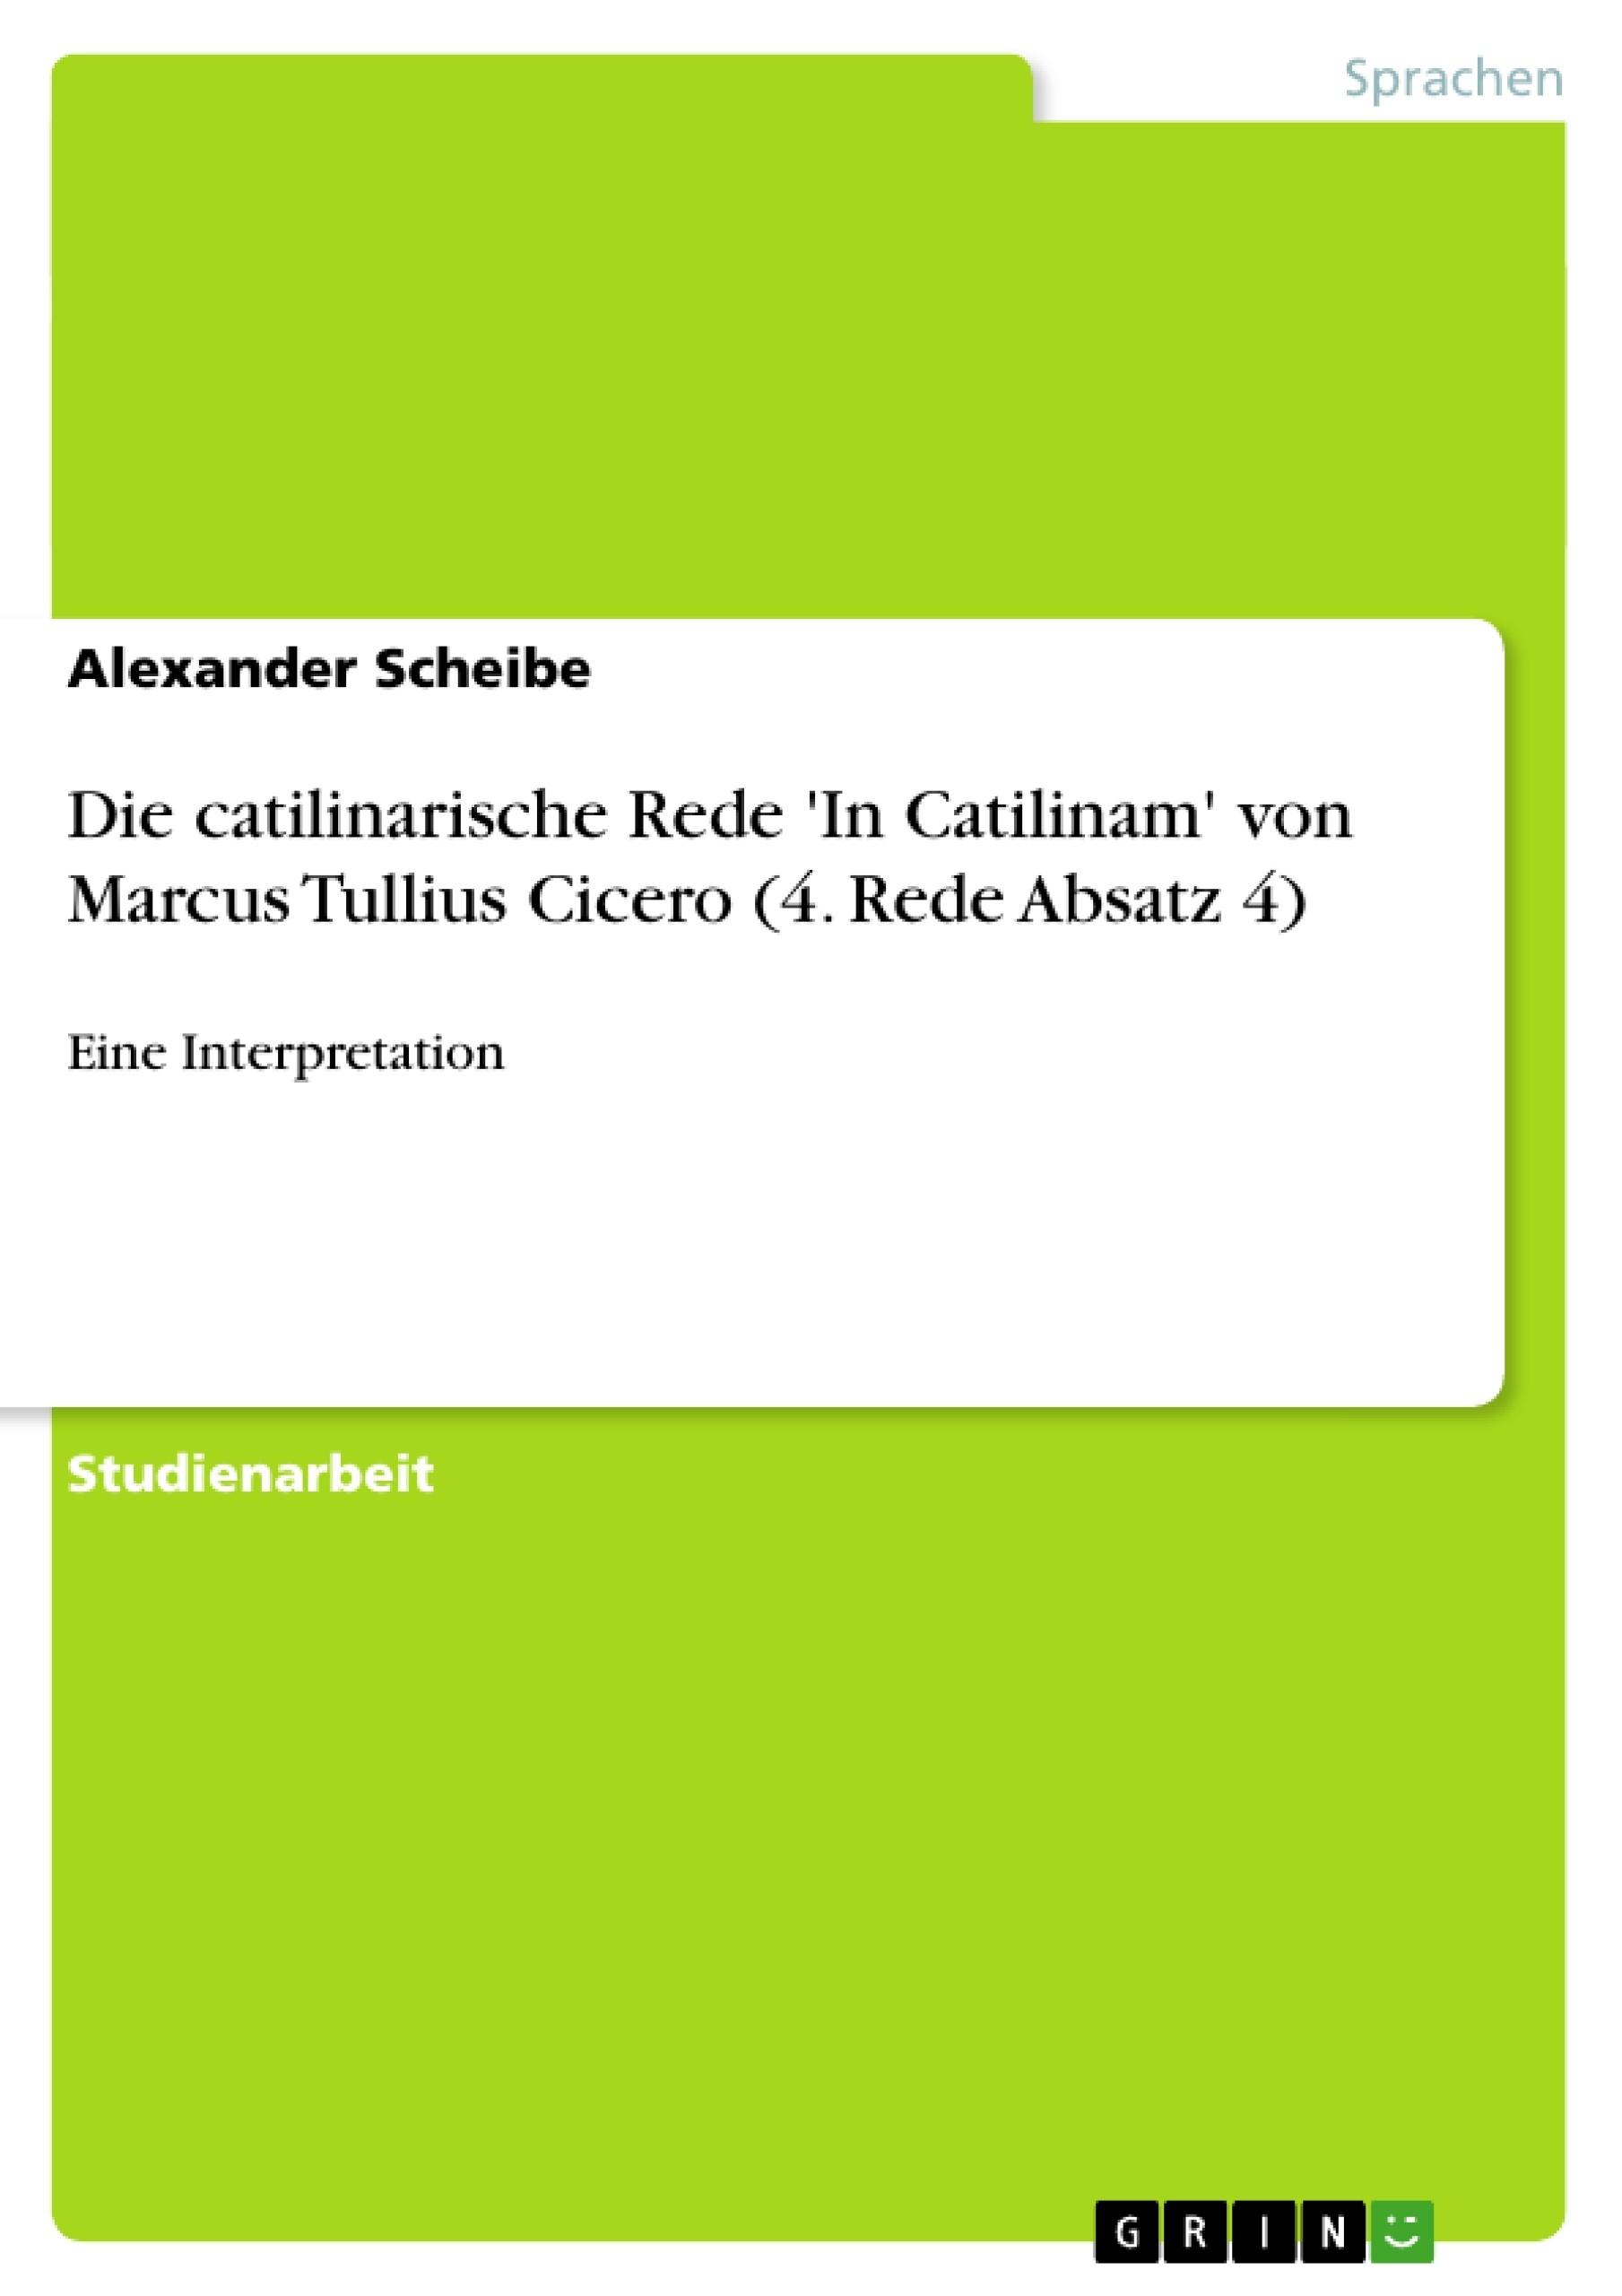 Titel: Die catilinarische Rede 'In Catilinam'  von Marcus Tullius Cicero (4. Rede Absatz 4)